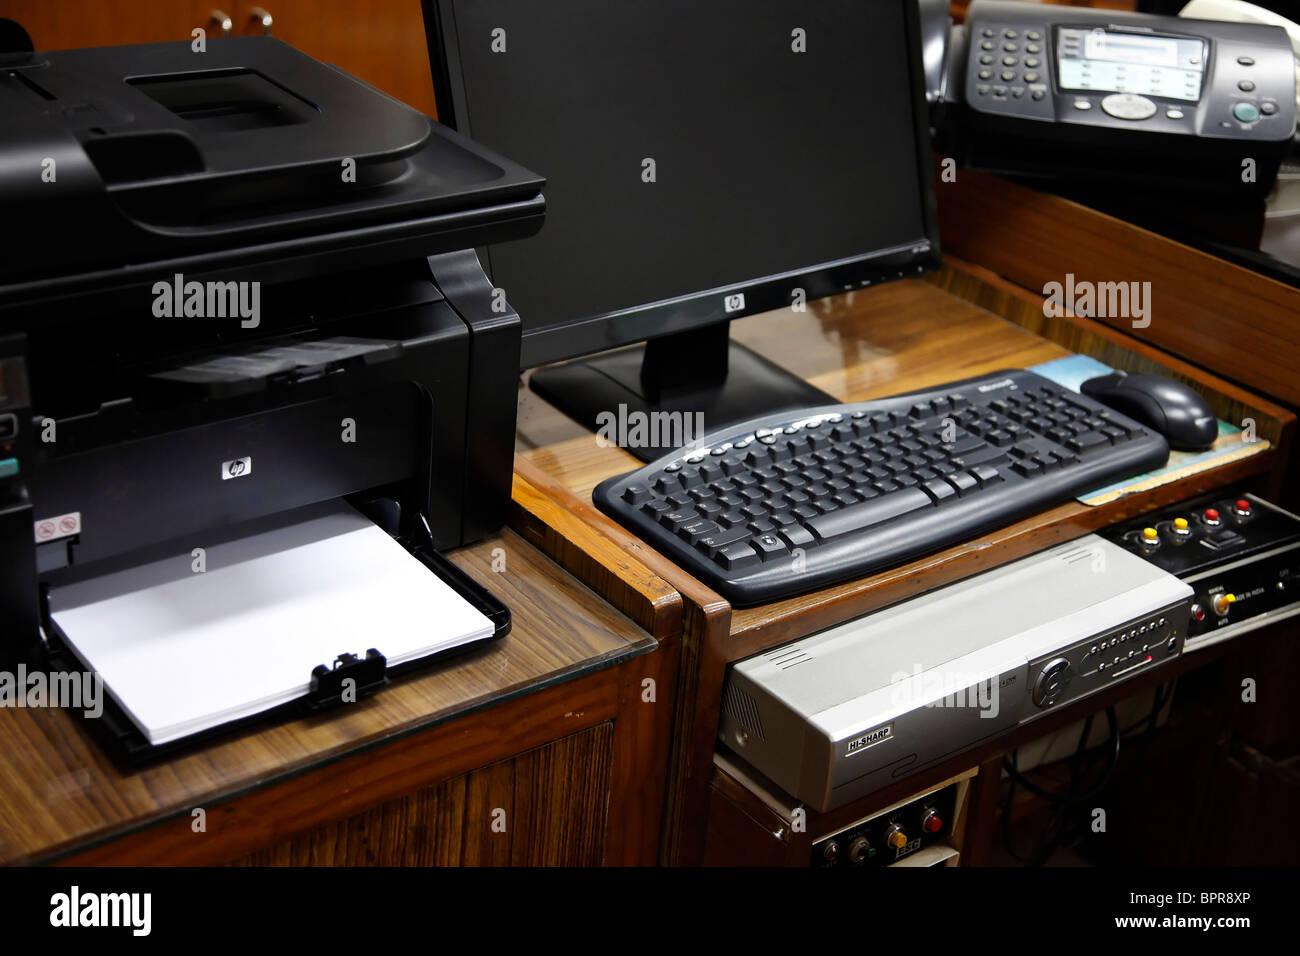 Offiice Matériel - Ordinateur de bureau, imprimante, télécopieur, et l'unité de commande Photo Stock